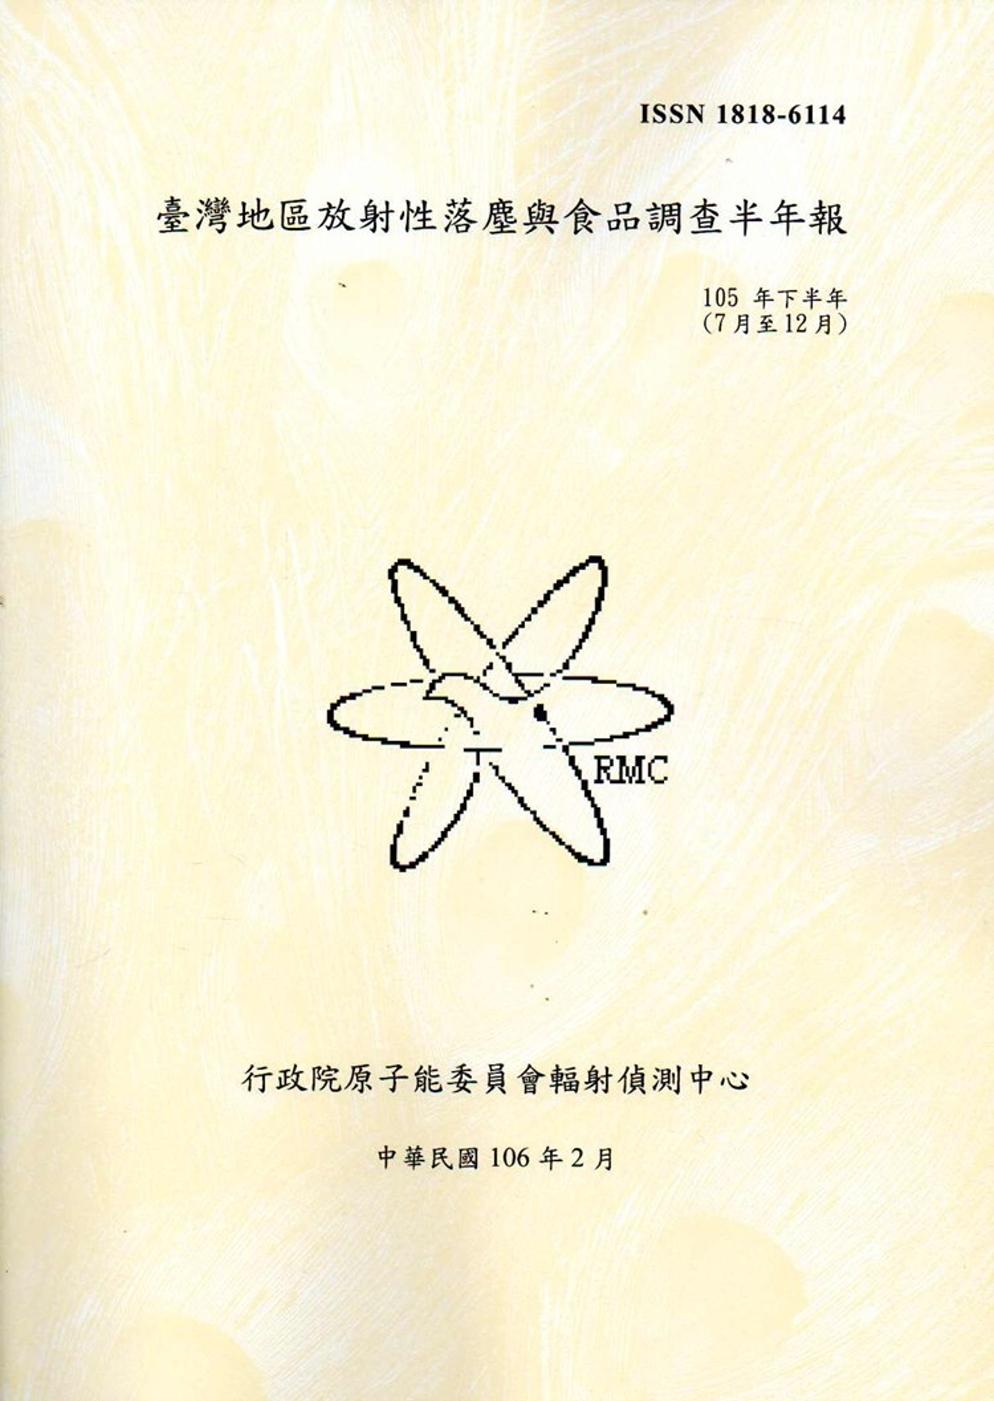 臺灣地區放射性落塵與食品調查半年報(105年下半年)